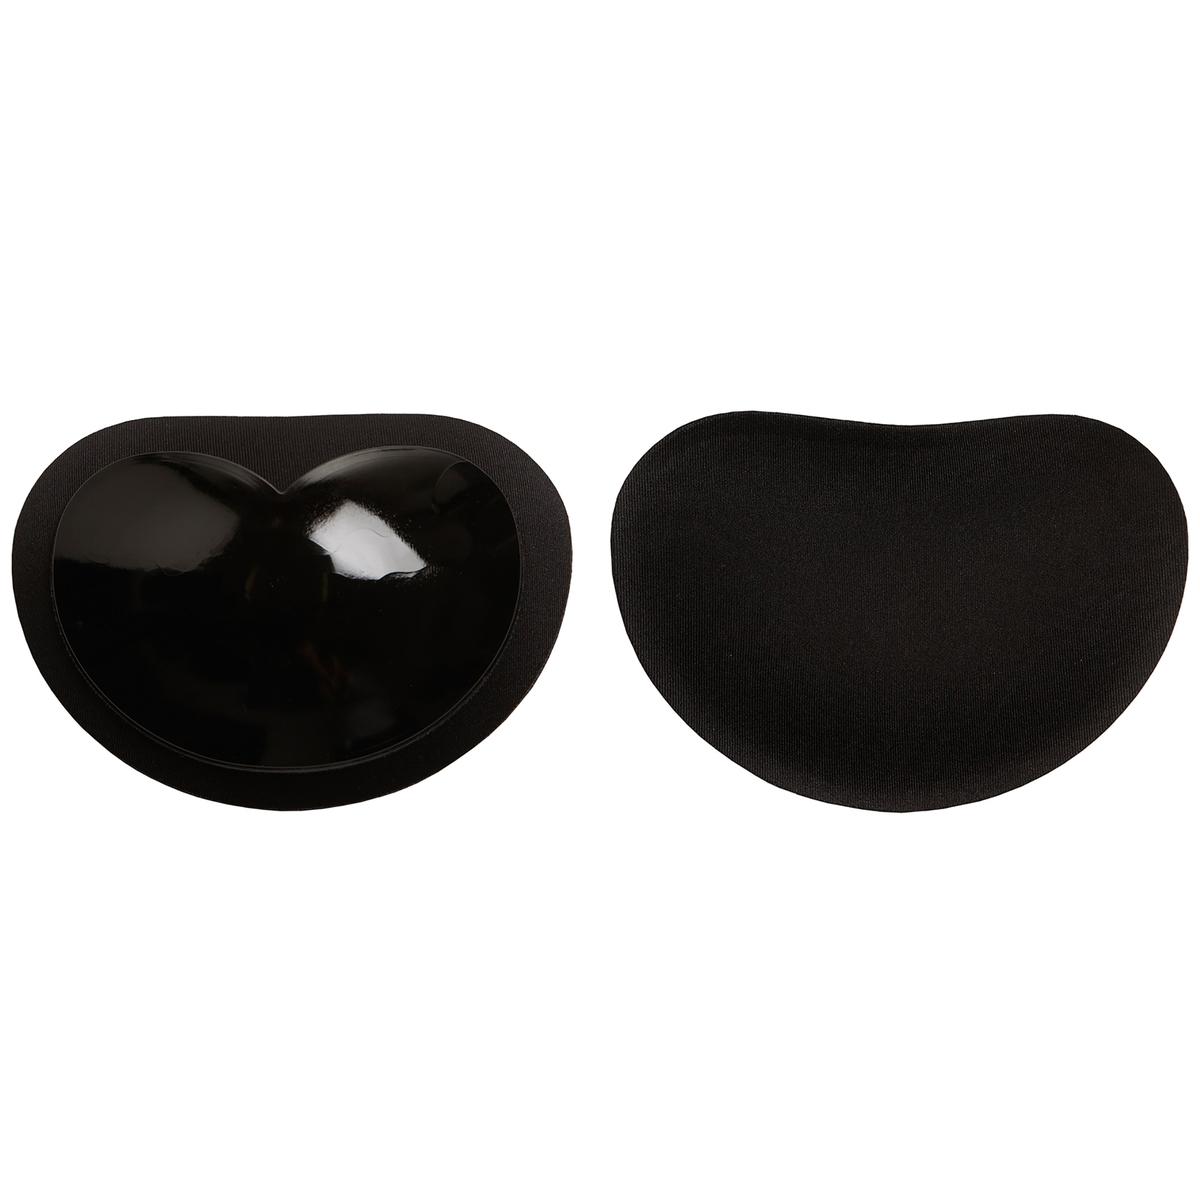 Подушечки на клейкой основе STICKY PUSH-UPСостав и описание    Материал       100% силикона     Марка       MAGIC BODY FASHION      Уход  Ручная стирка<br><br>Цвет: телесный,черный<br>Размер: A/B.B/C